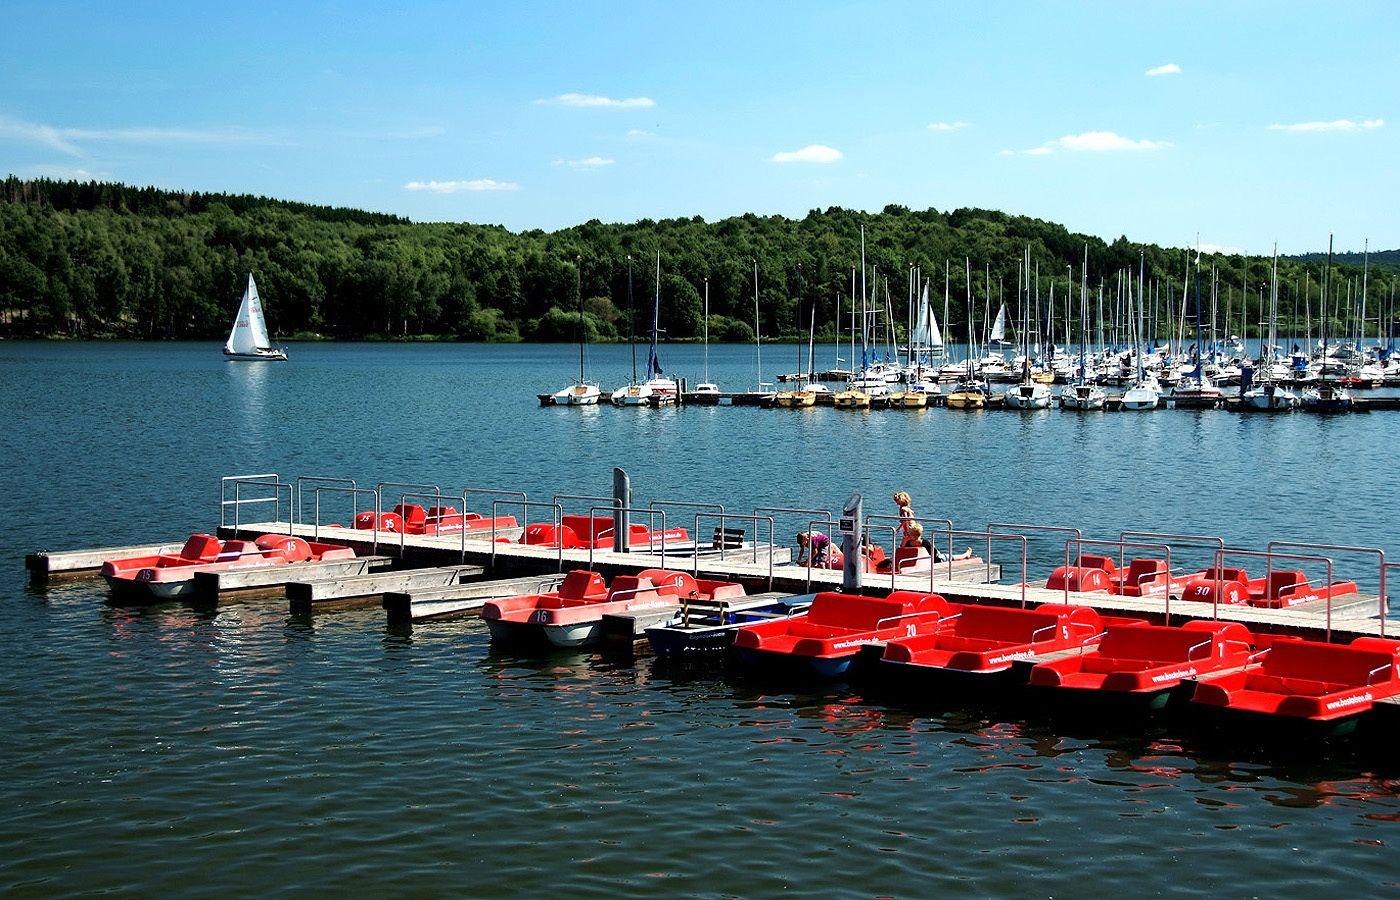 Gleich Feierabend. ...  Noch genüügend Zeit, diesen tollen Freitag zu genießen. Vielleicht am oder auf dem Bostalsee ? :-)